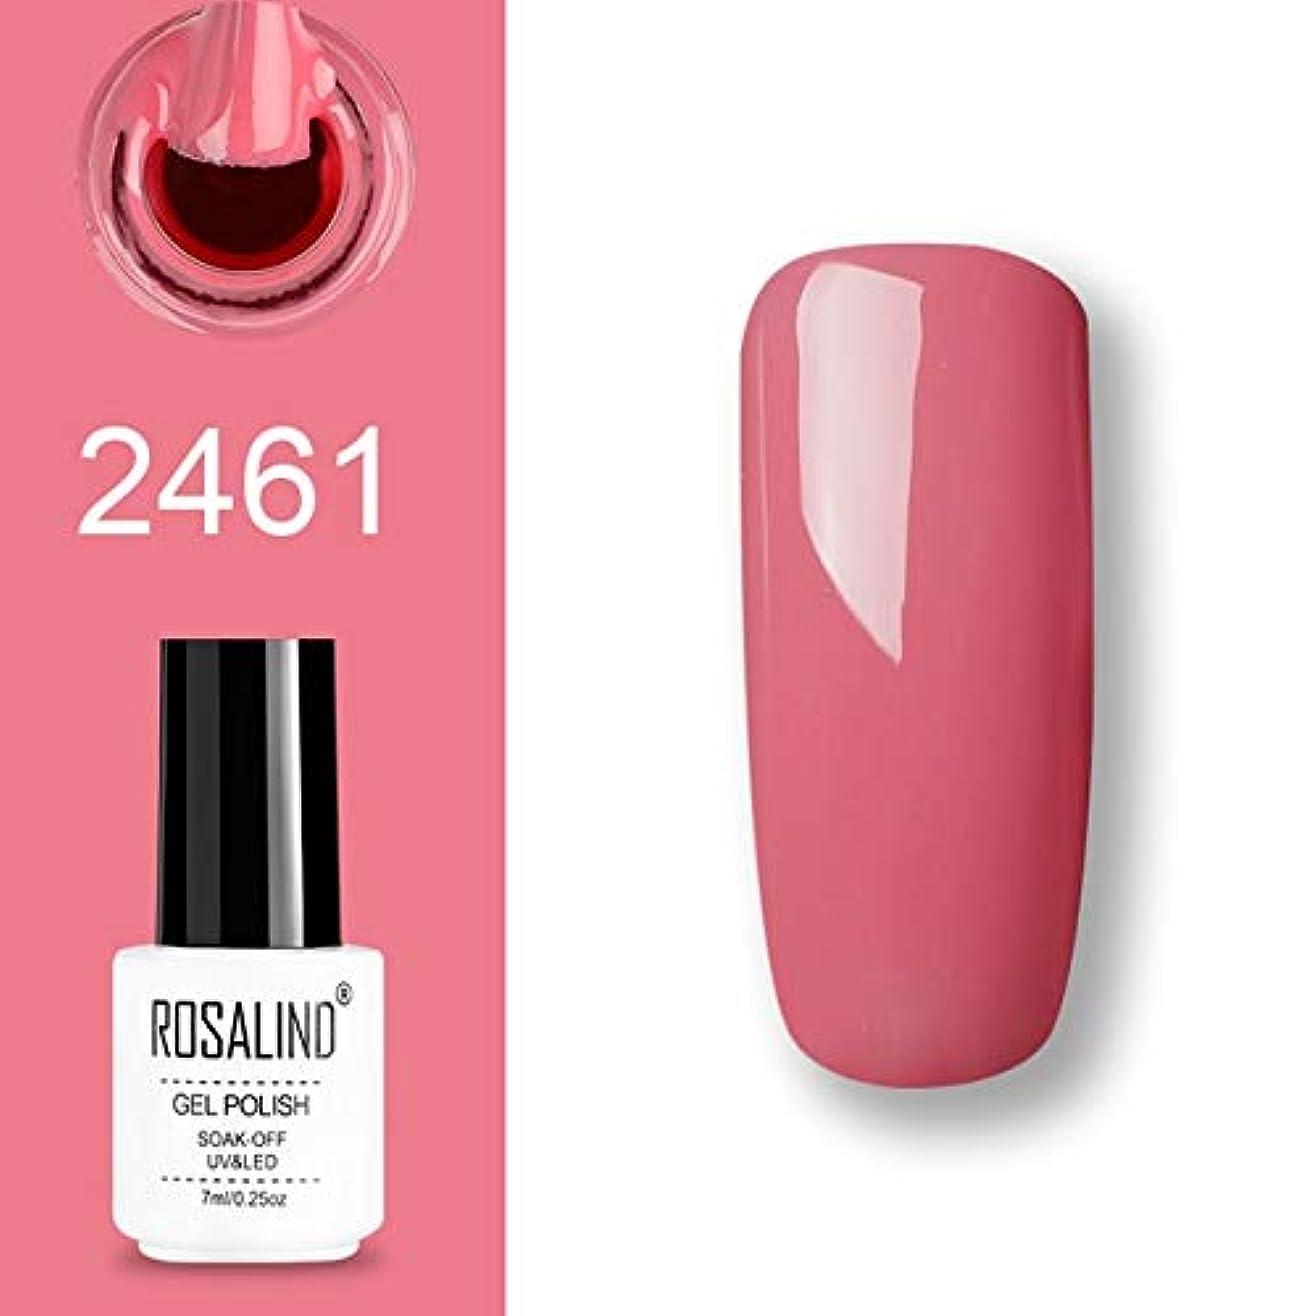 ブランク配列不公平ファッションアイテム ROSALINDジェルポリッシュセットUVセミパーマネントプライマートップコートポリジェルニスネイルアートマニキュアジェル、ピンク、容量:7ml 2461。 環境に優しいマニキュア